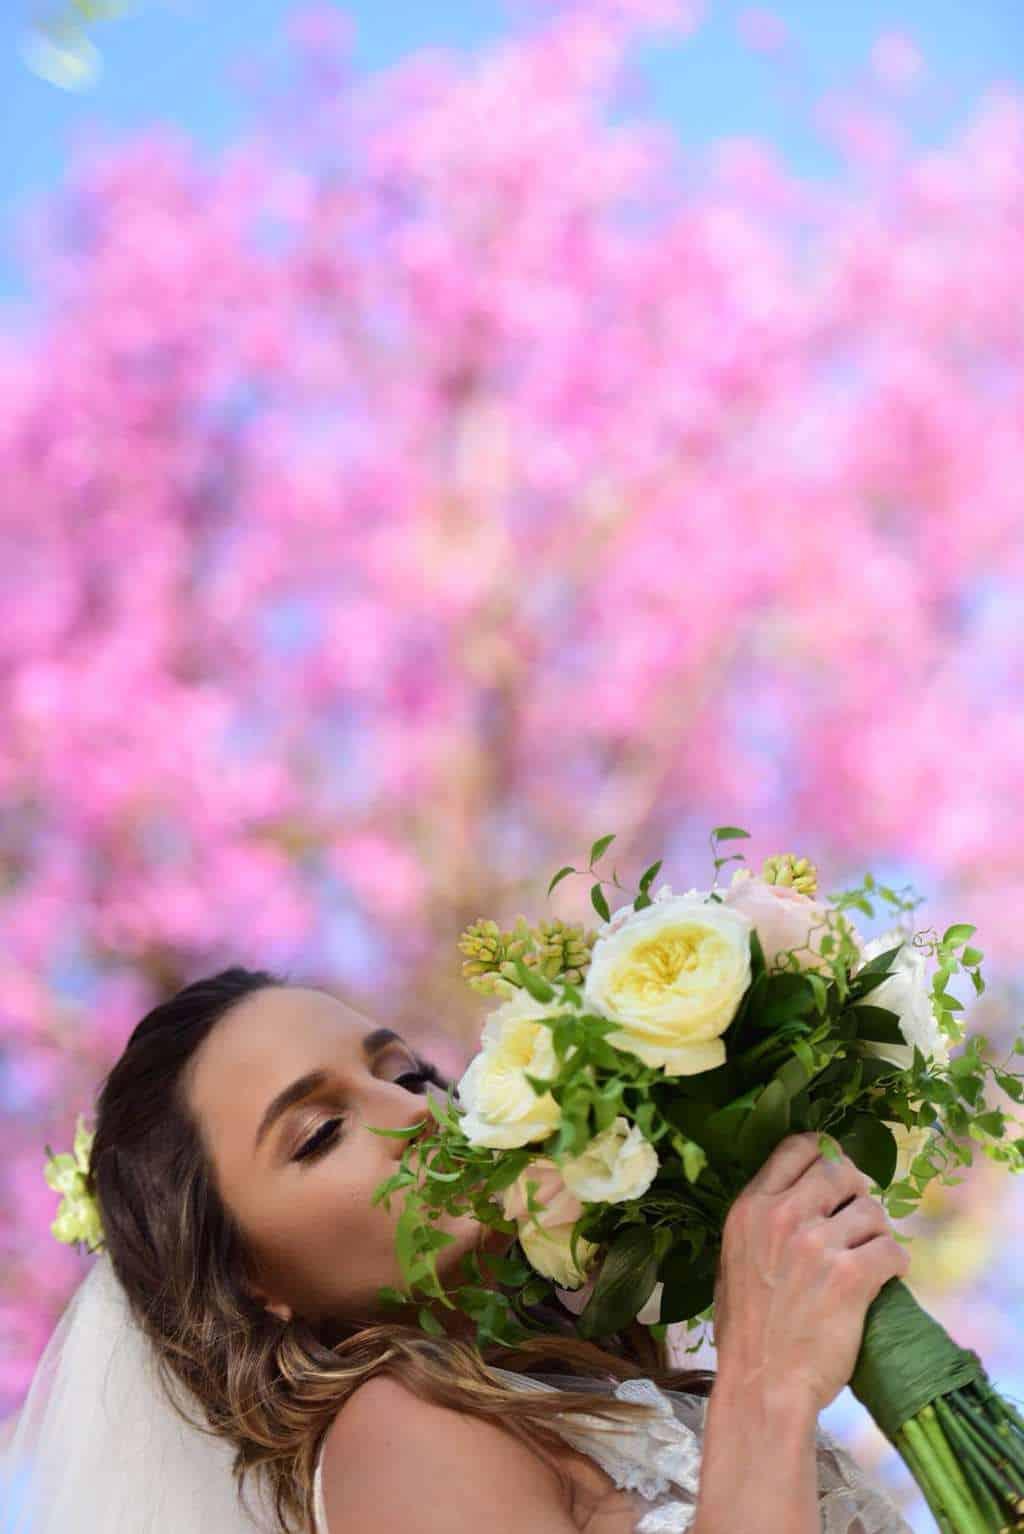 casamento-boho-Casamento-Nicolle-e-Pedro-casamento-rosa-Estalagem-Alter-Real-Fotografia-Estudio-Maria-Celia-Siqueira-Fotografia-Rosana-Sales-Goiania-88